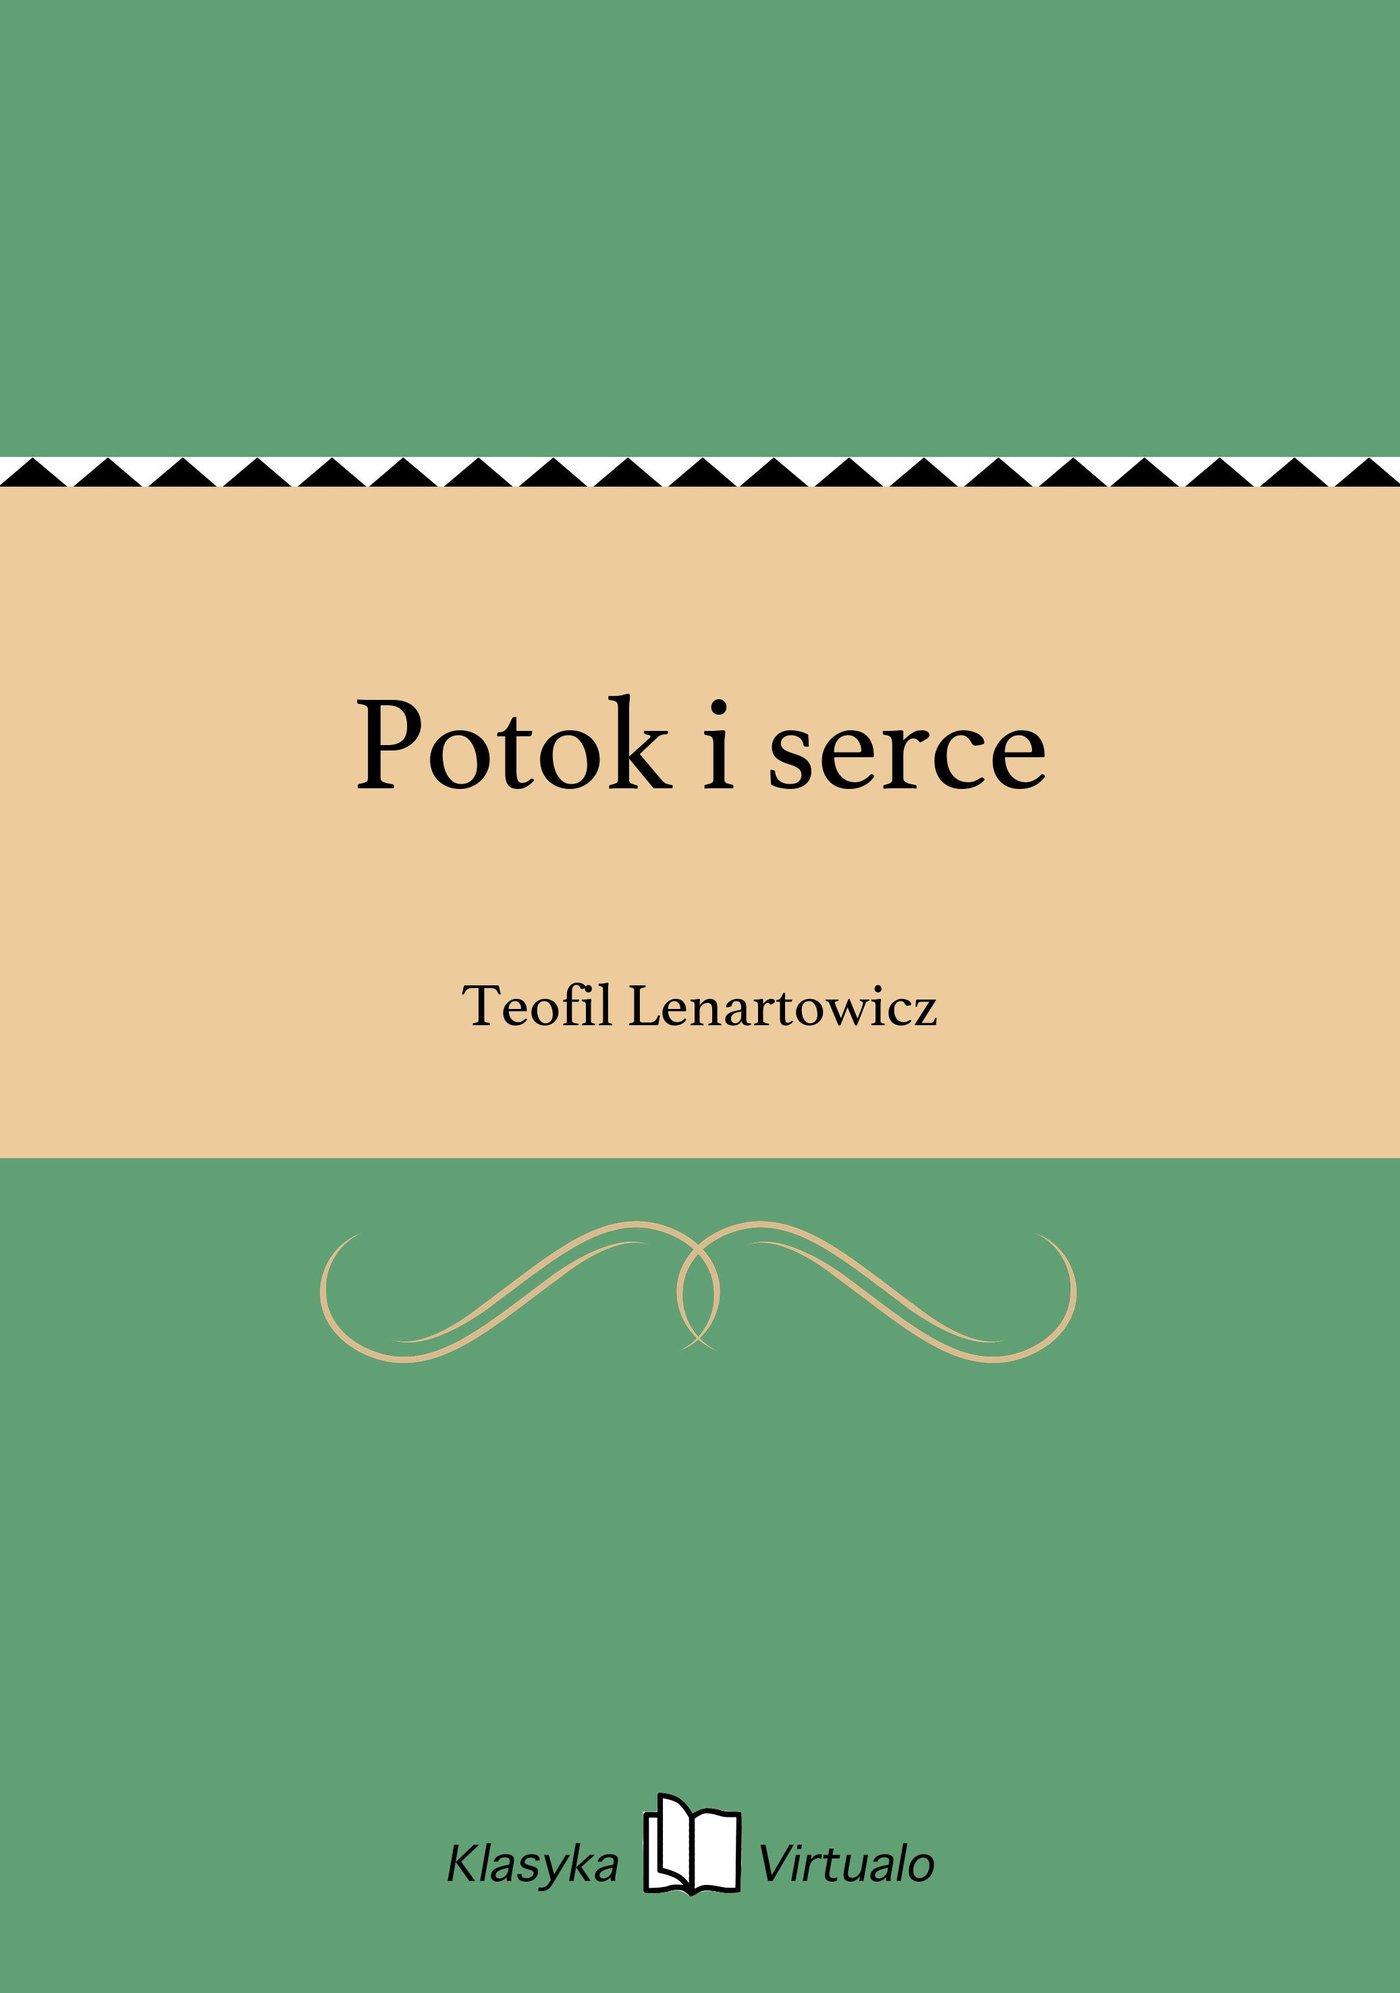 Potok i serce - Ebook (Książka EPUB) do pobrania w formacie EPUB